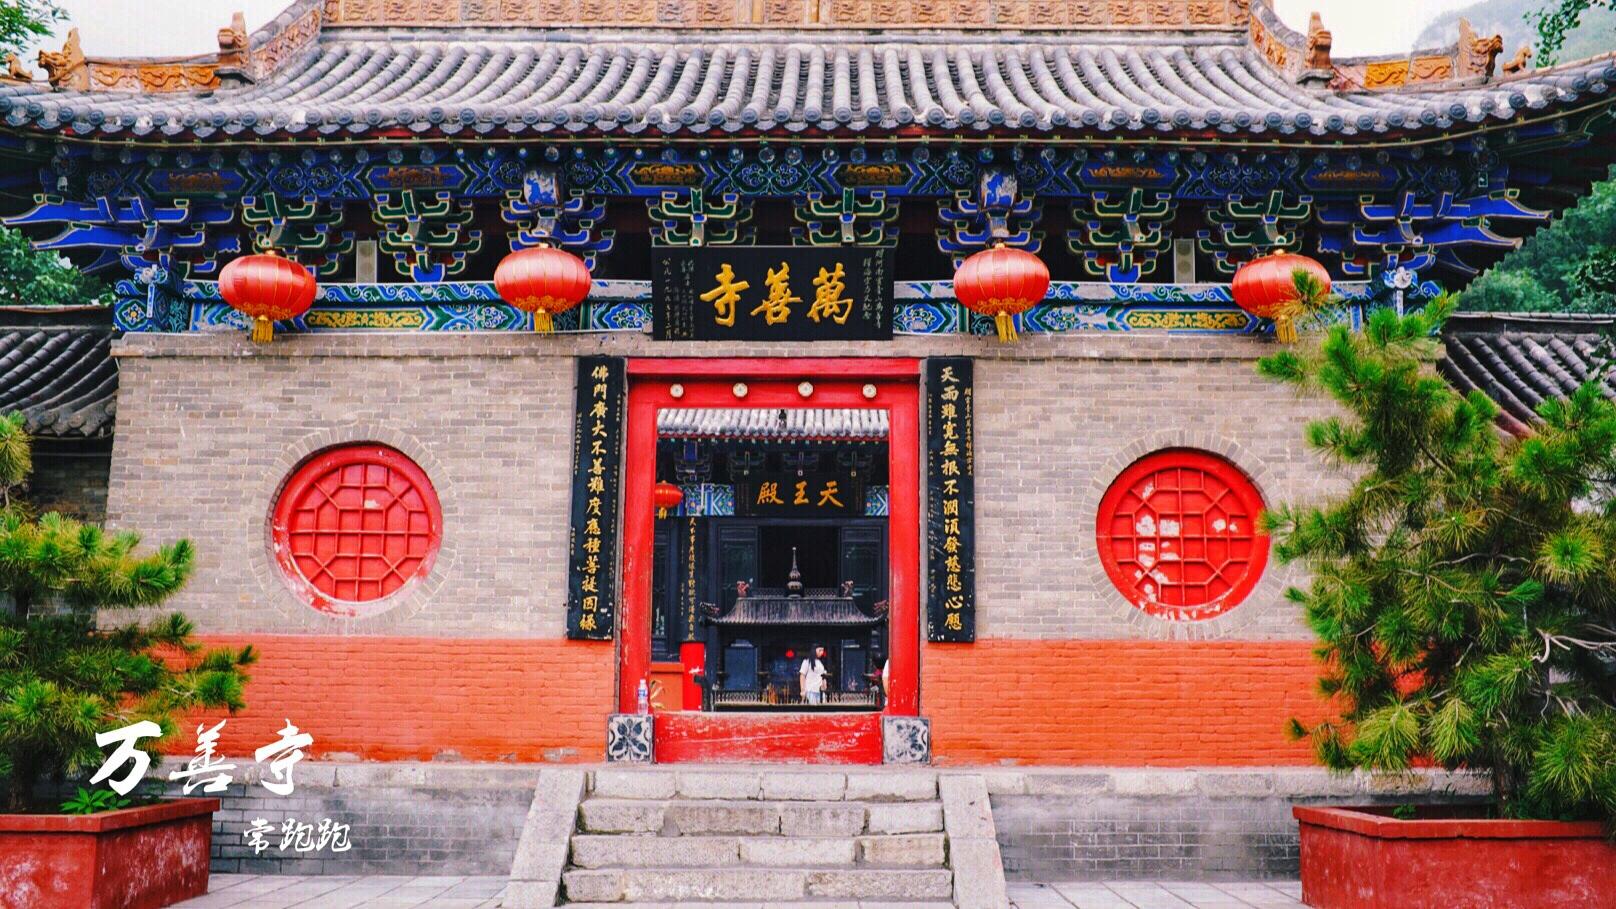 曾为中原之最的皇家寺庙 为何经过衰落再度香火鼎盛